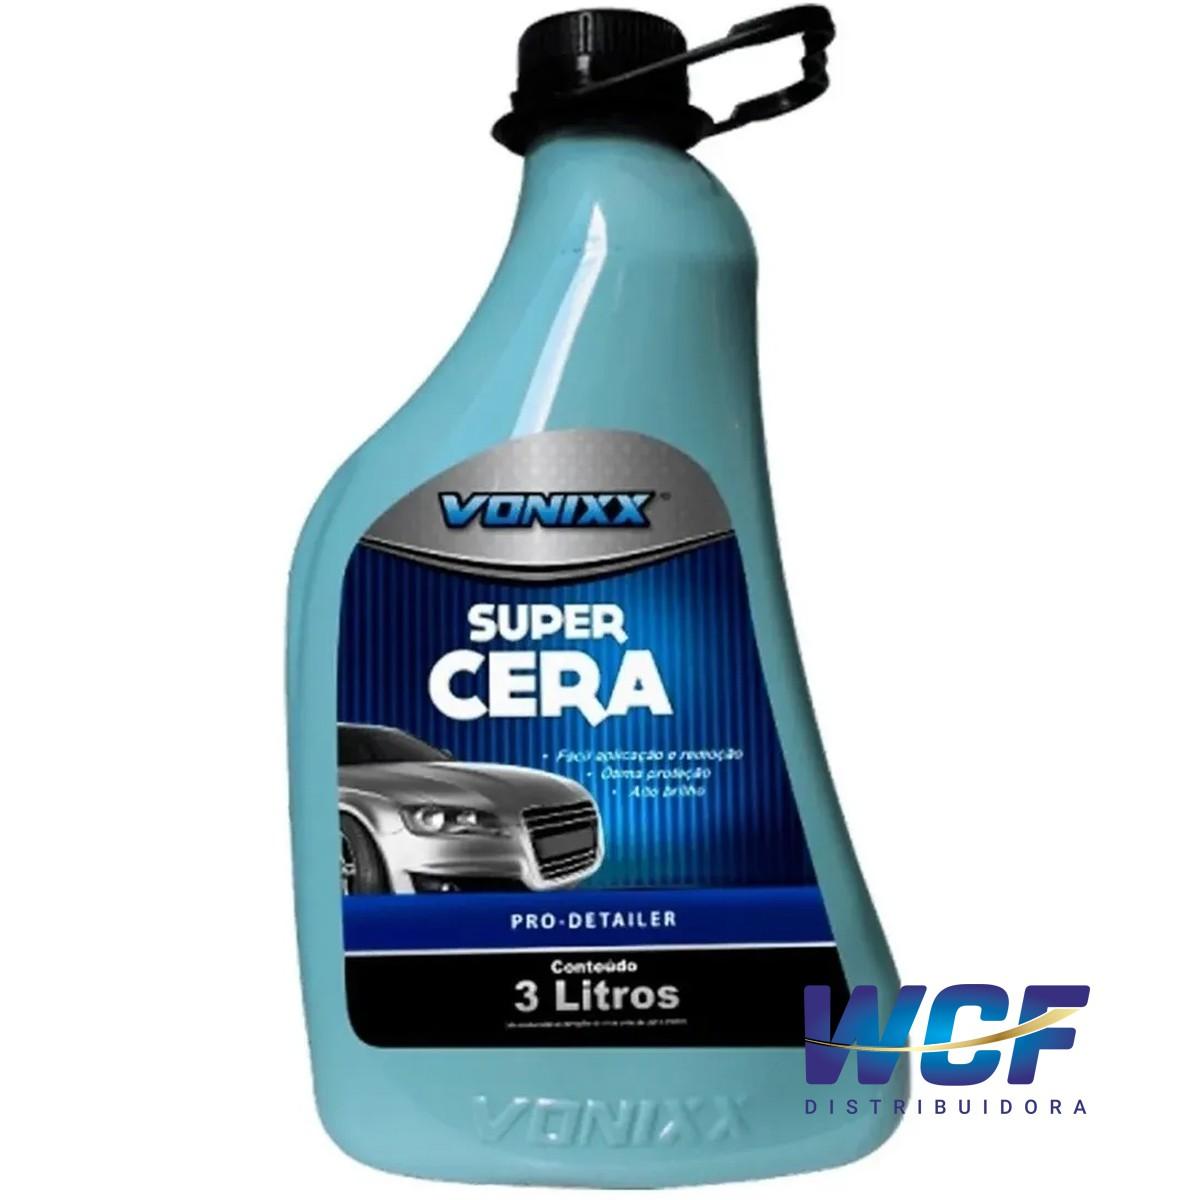 VONIXX SUPER CERA 3 LITROS